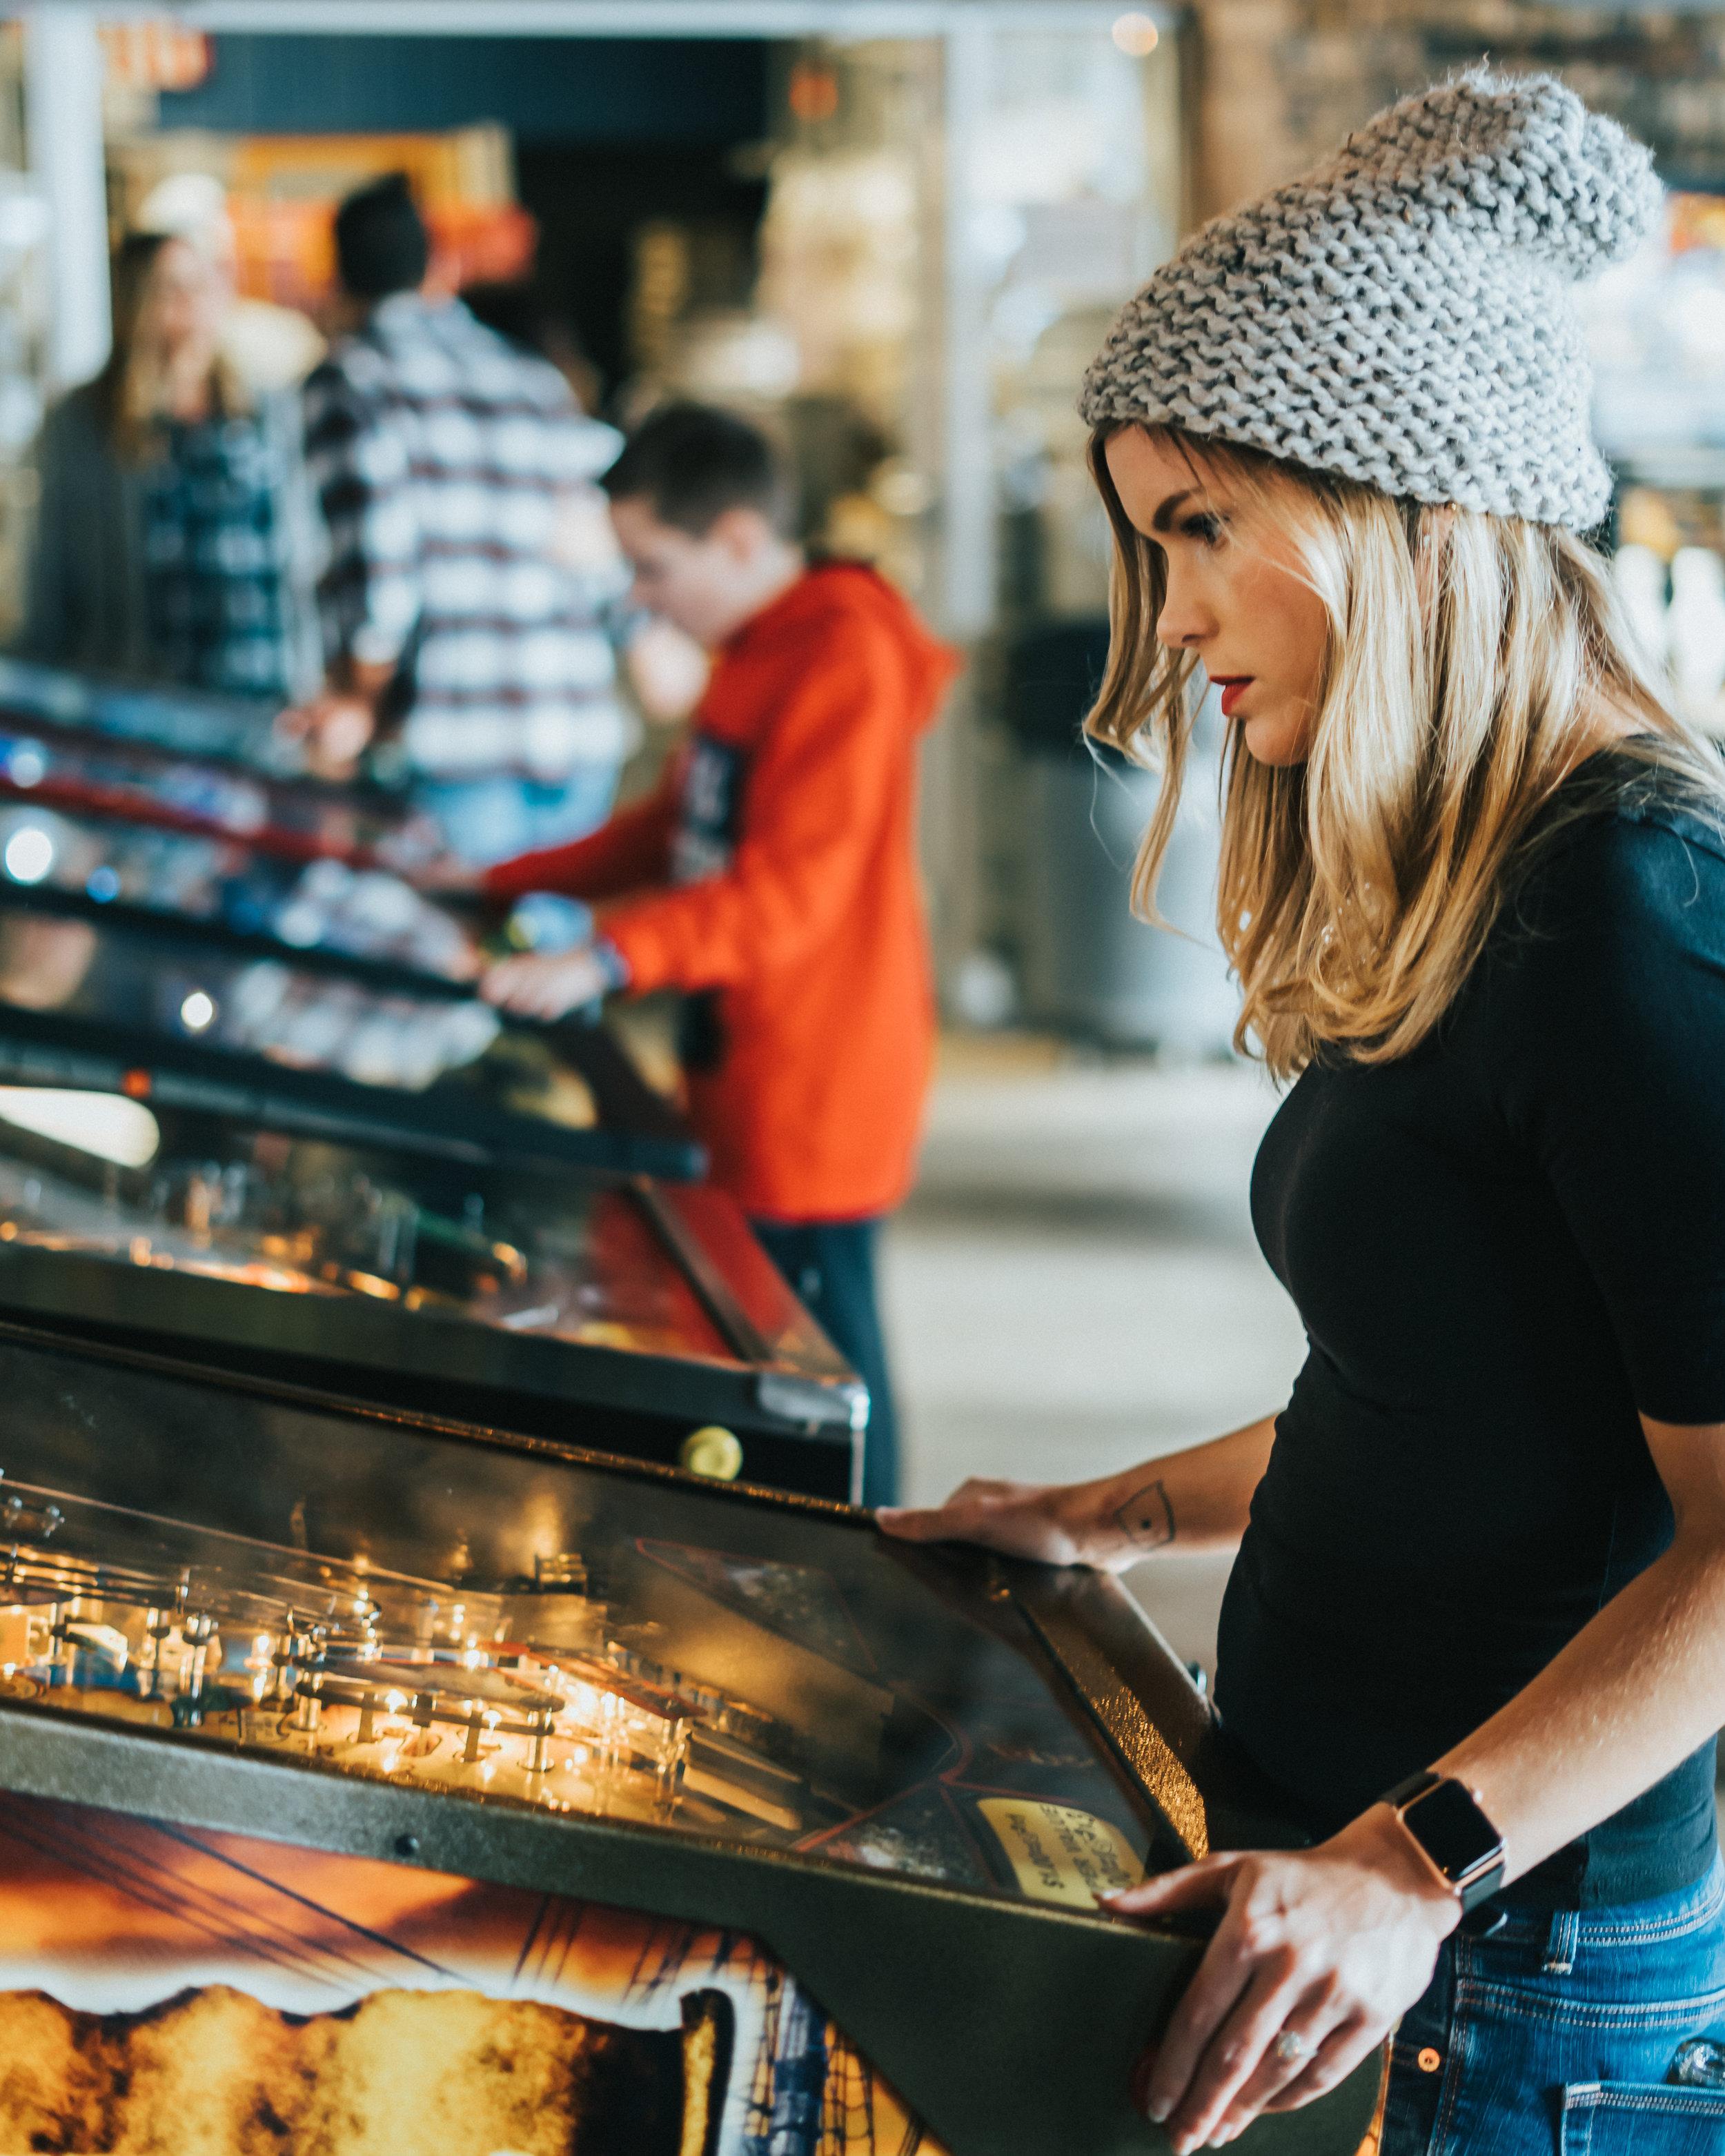 PARTNERSHIP WITH A PIRATES LIFE PINBALL - 7 pinball machines, ball bowlers, puck bowler, skee-ball, and more…